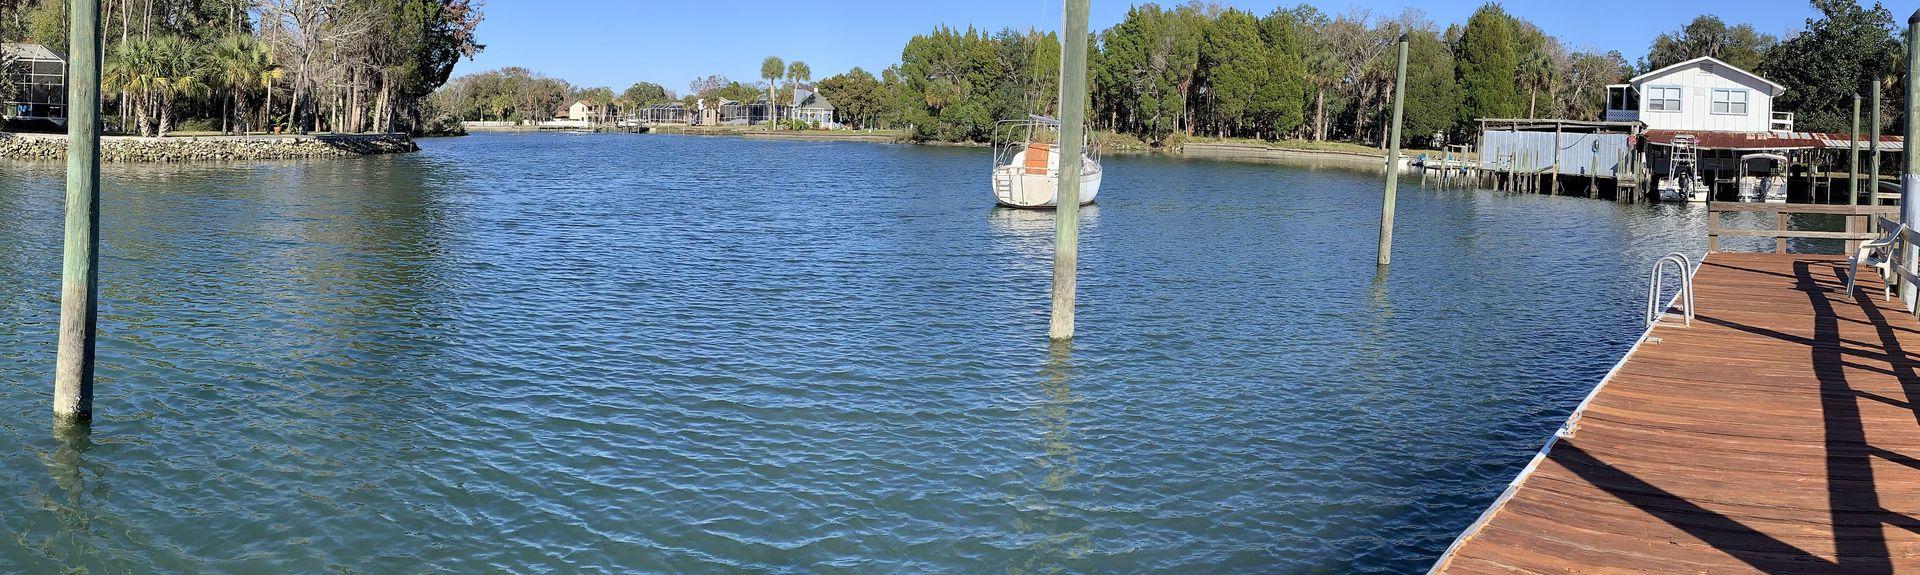 Homosassa Springs, FL, USA